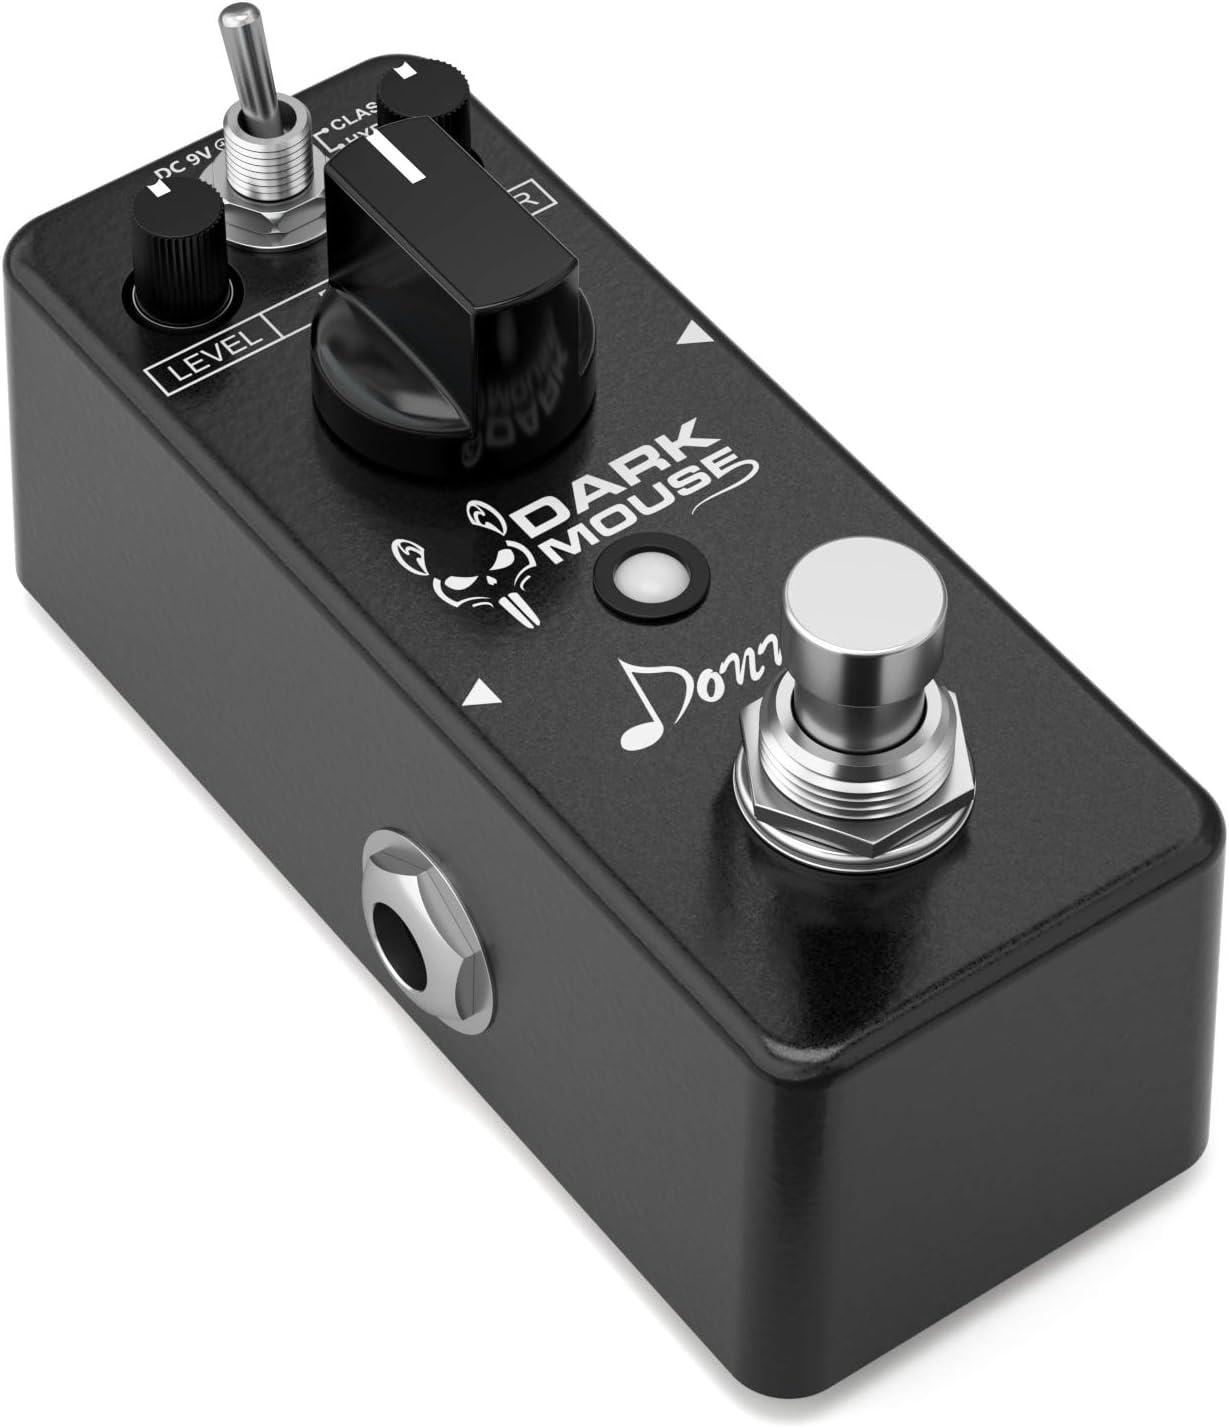 Donner. Pedal de Efecto de Distorsión para Guitarra Dark Mouse True bypass